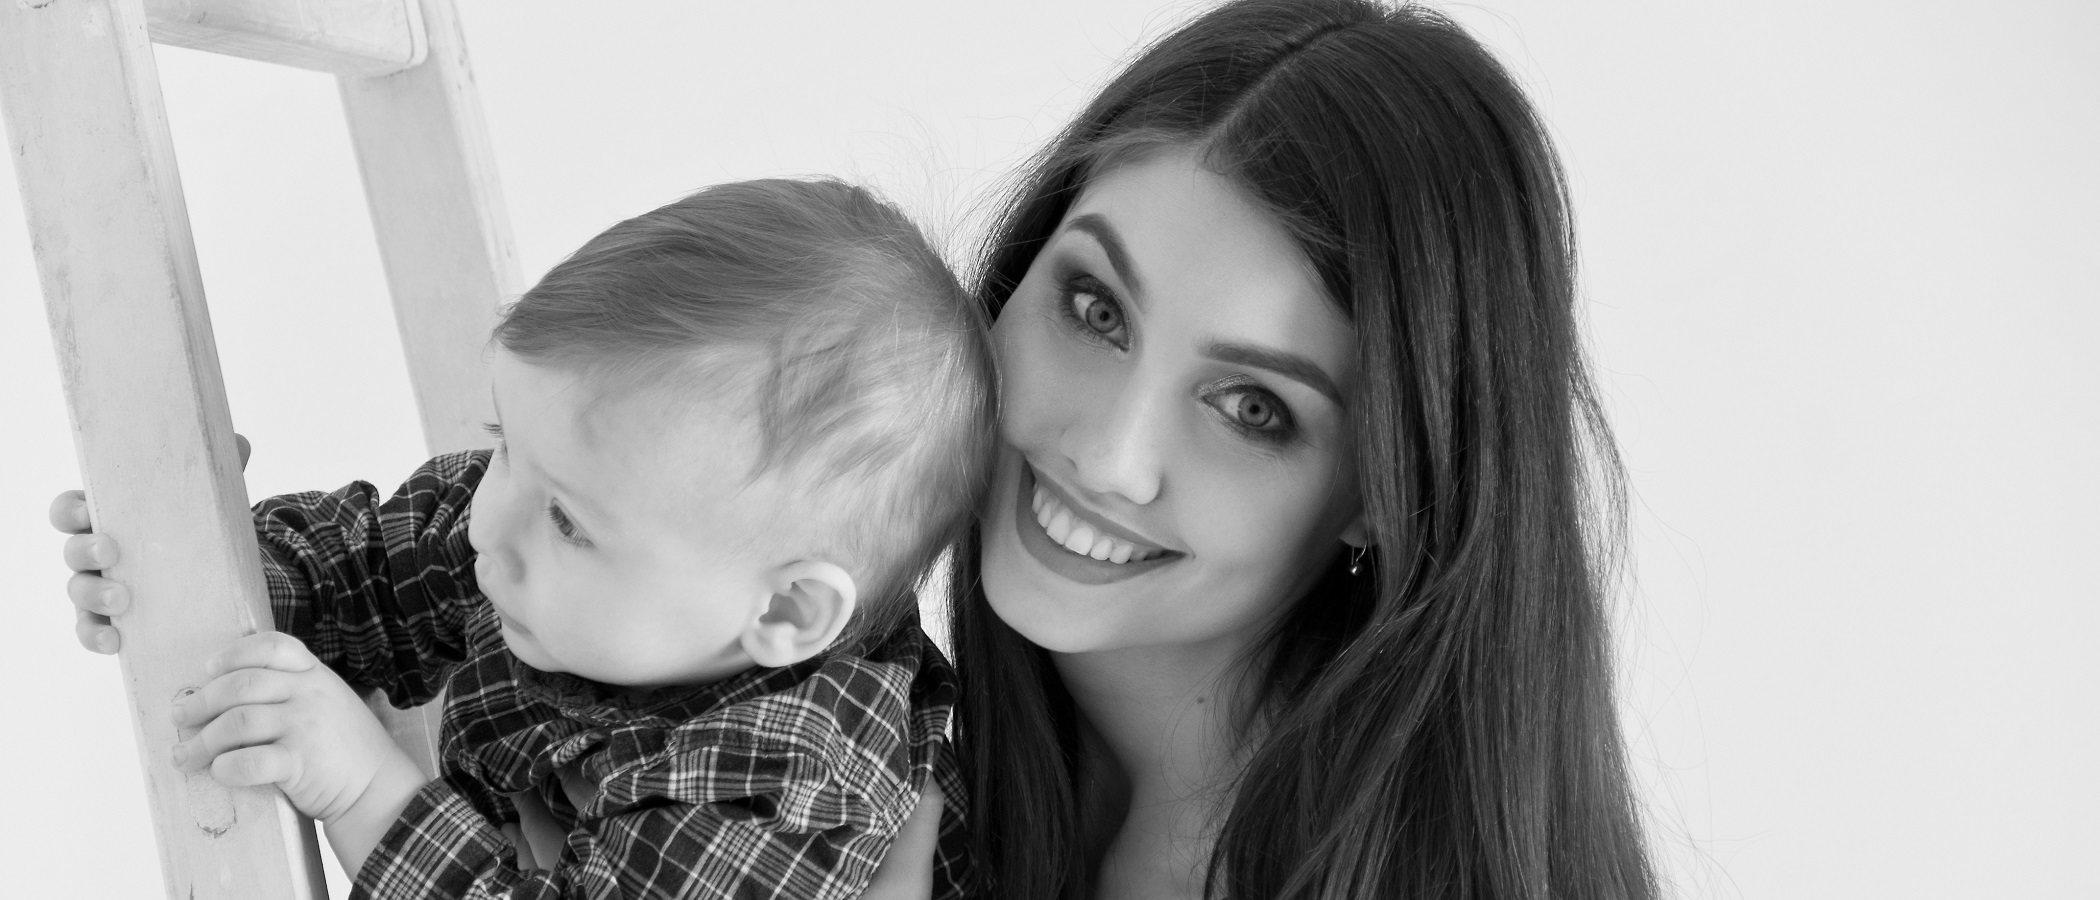 Tu estilo de crianza afectará a las relaciones íntimas de tus hijos